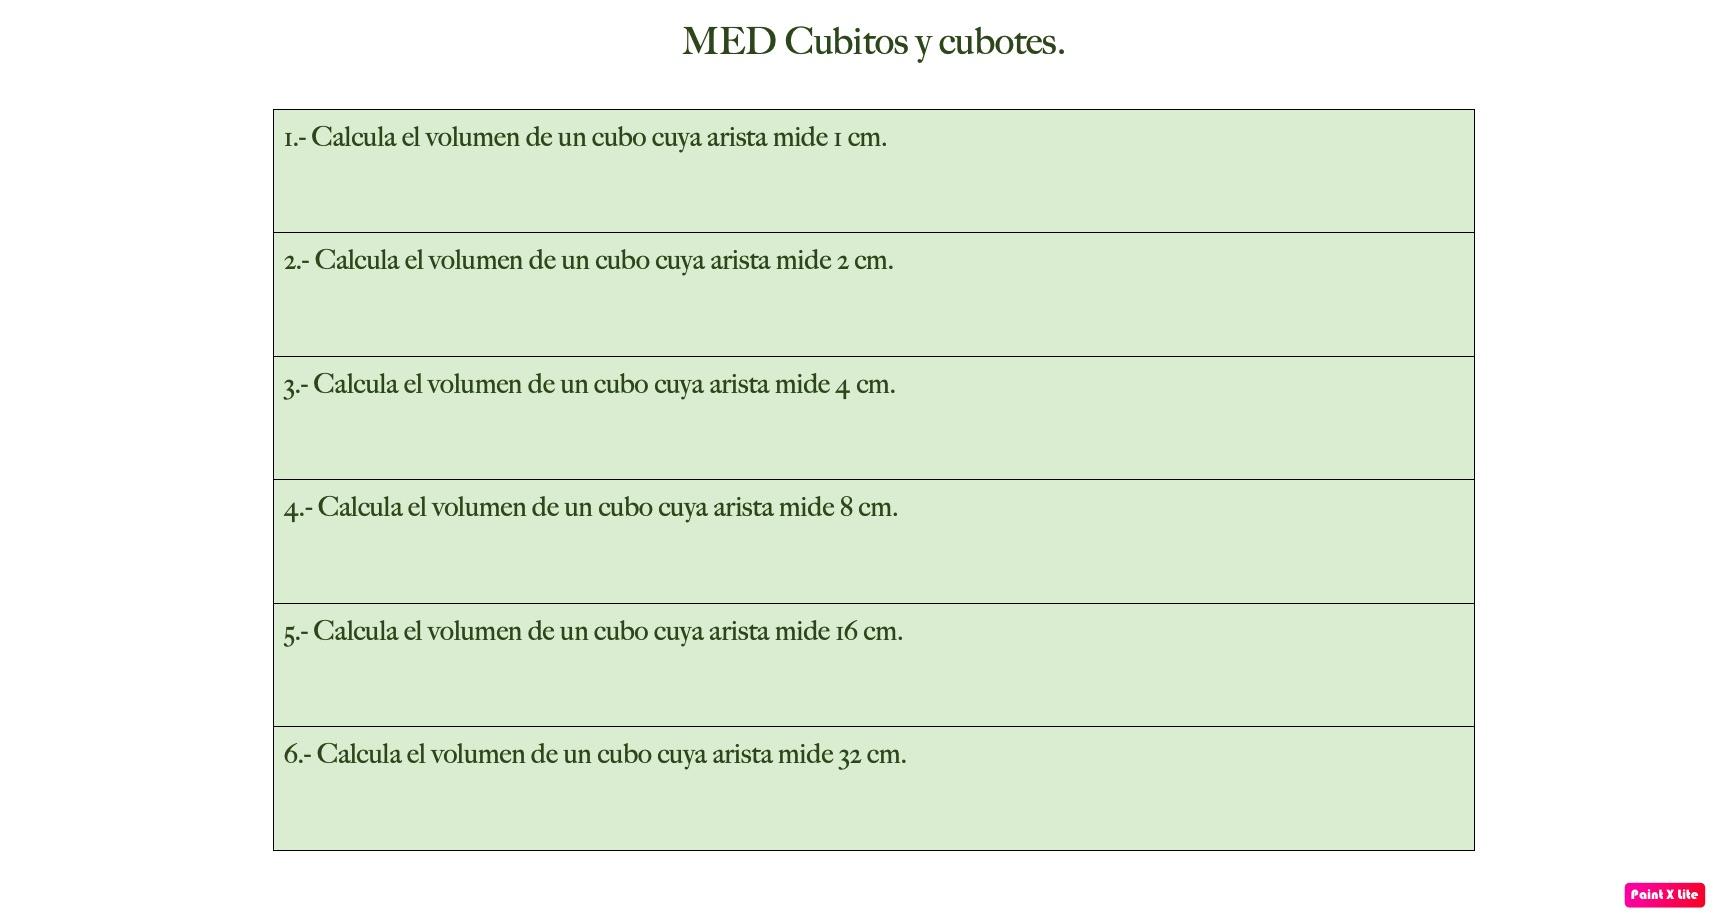 Cubitos+y+cubotes.jpg